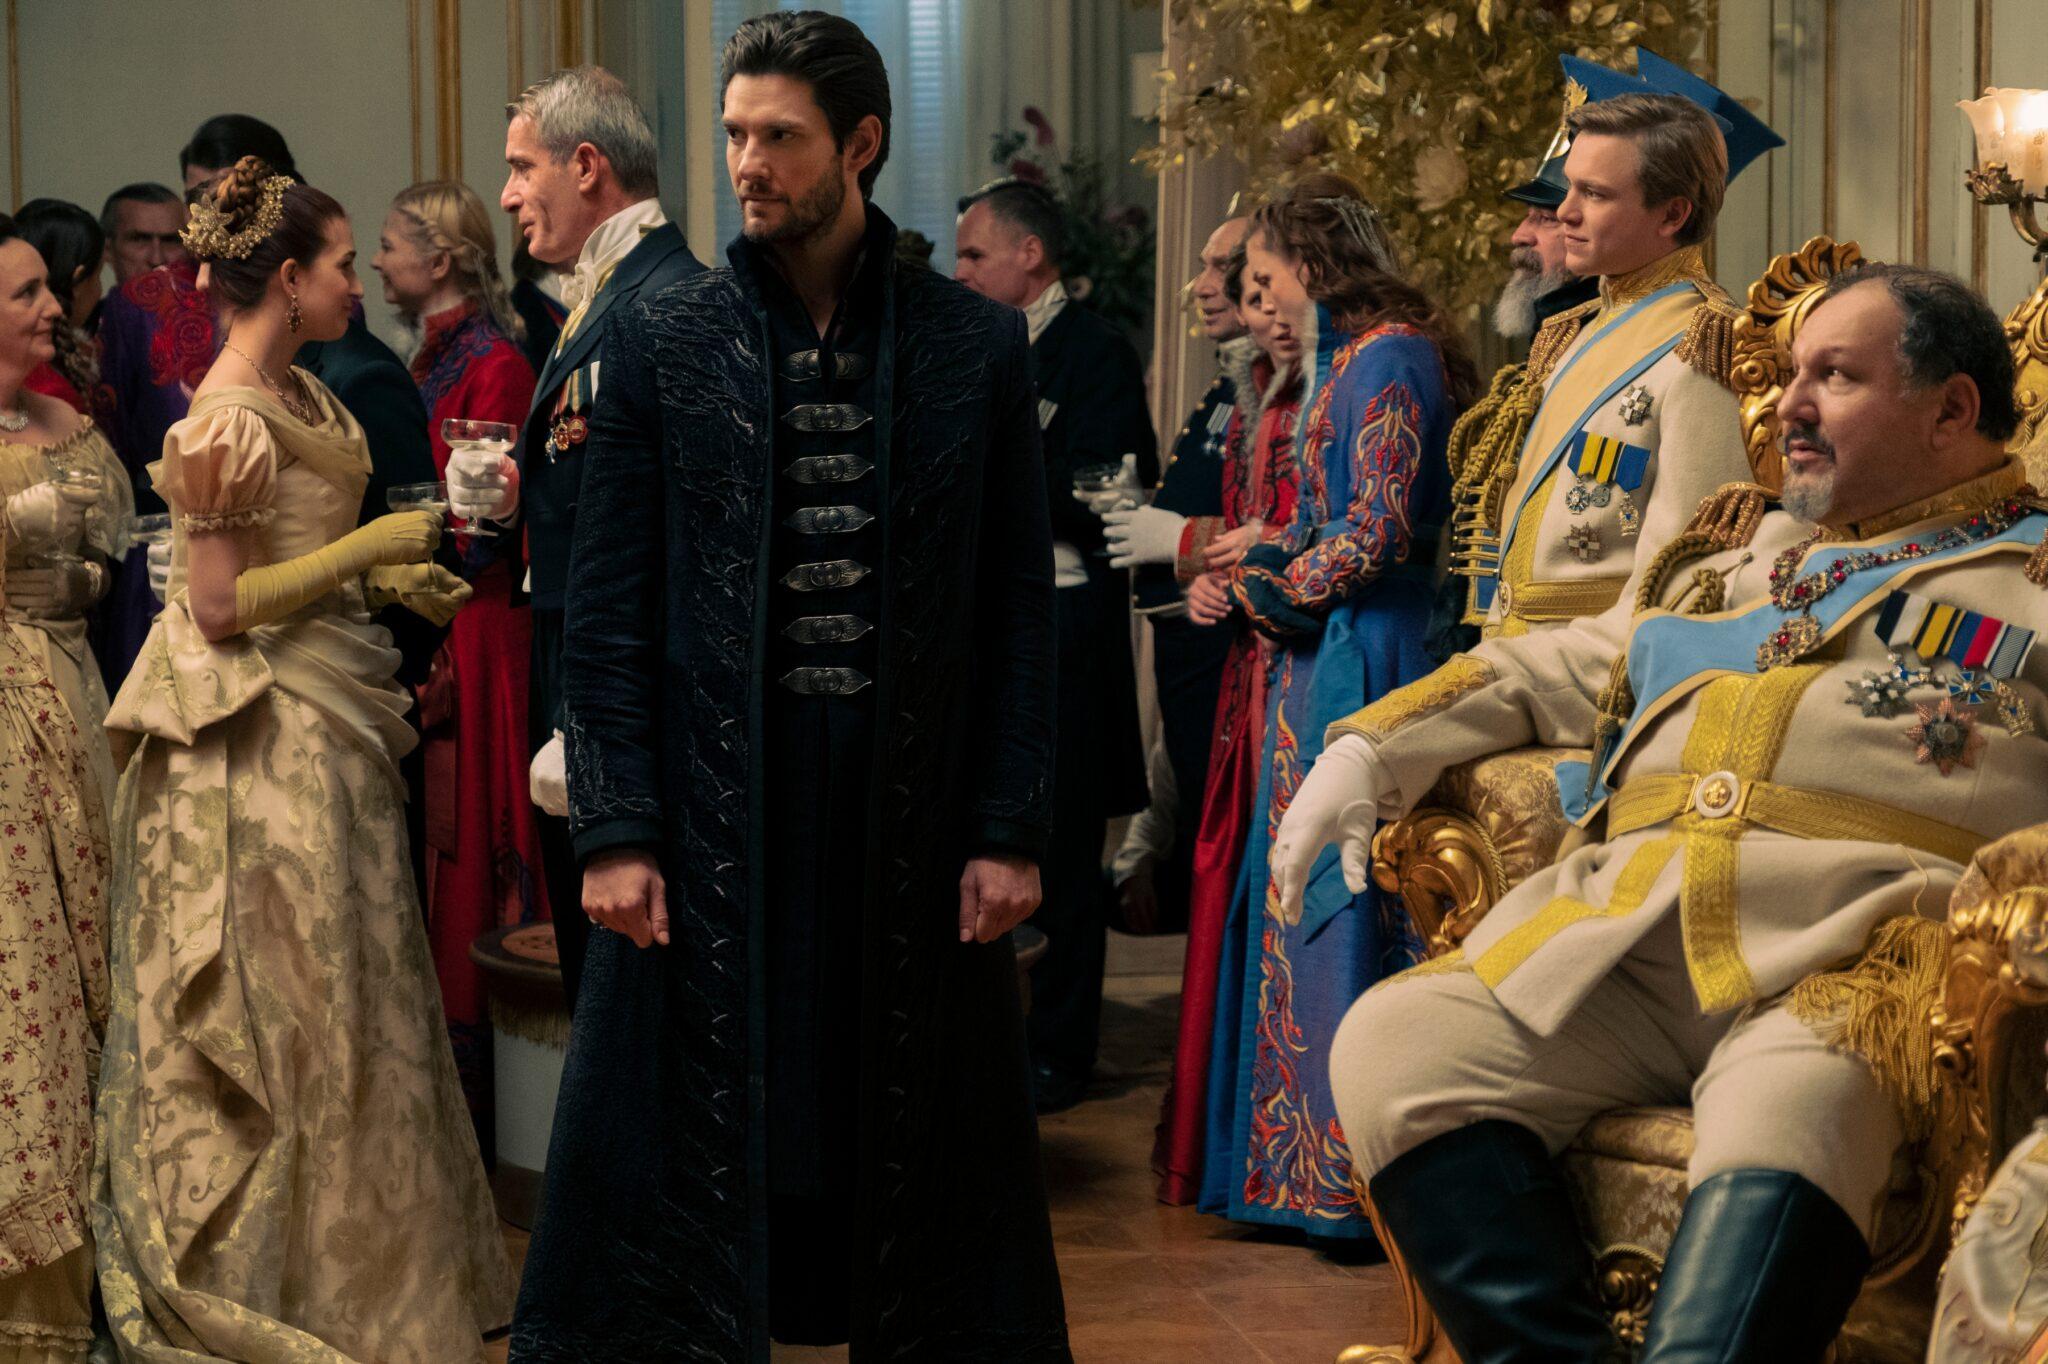 Kirigan (Ben Barnes) steht in einem schwarzen Mantel zwischen zahlreichen festlich, aber bunt gekleideten Personen bei einer Feierlichkeit. Rechts im Bild sitzt der König in seinem Thron. Er trägt ein Beiges Outfit mit zahlreichen Ehrenzeichen. Im Hintergrund sieht man weitere Feiergäste.